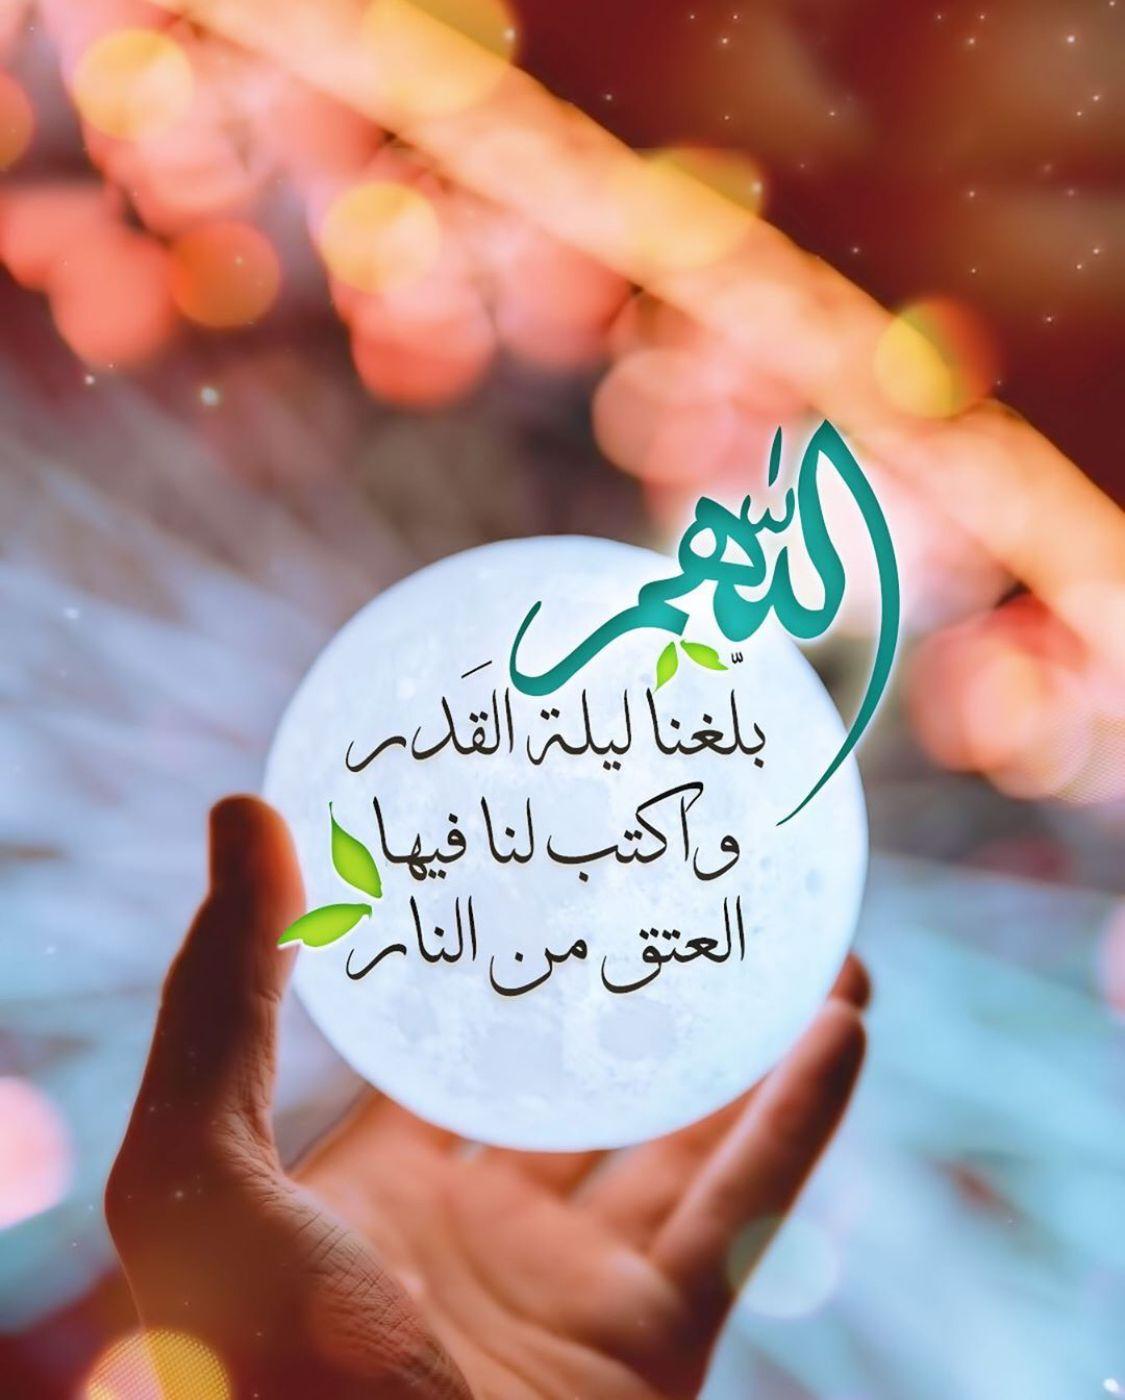 Pin By صورة و كلمة On ليلة القدر Ramadan Ramadan Kareem Islamic Pictures